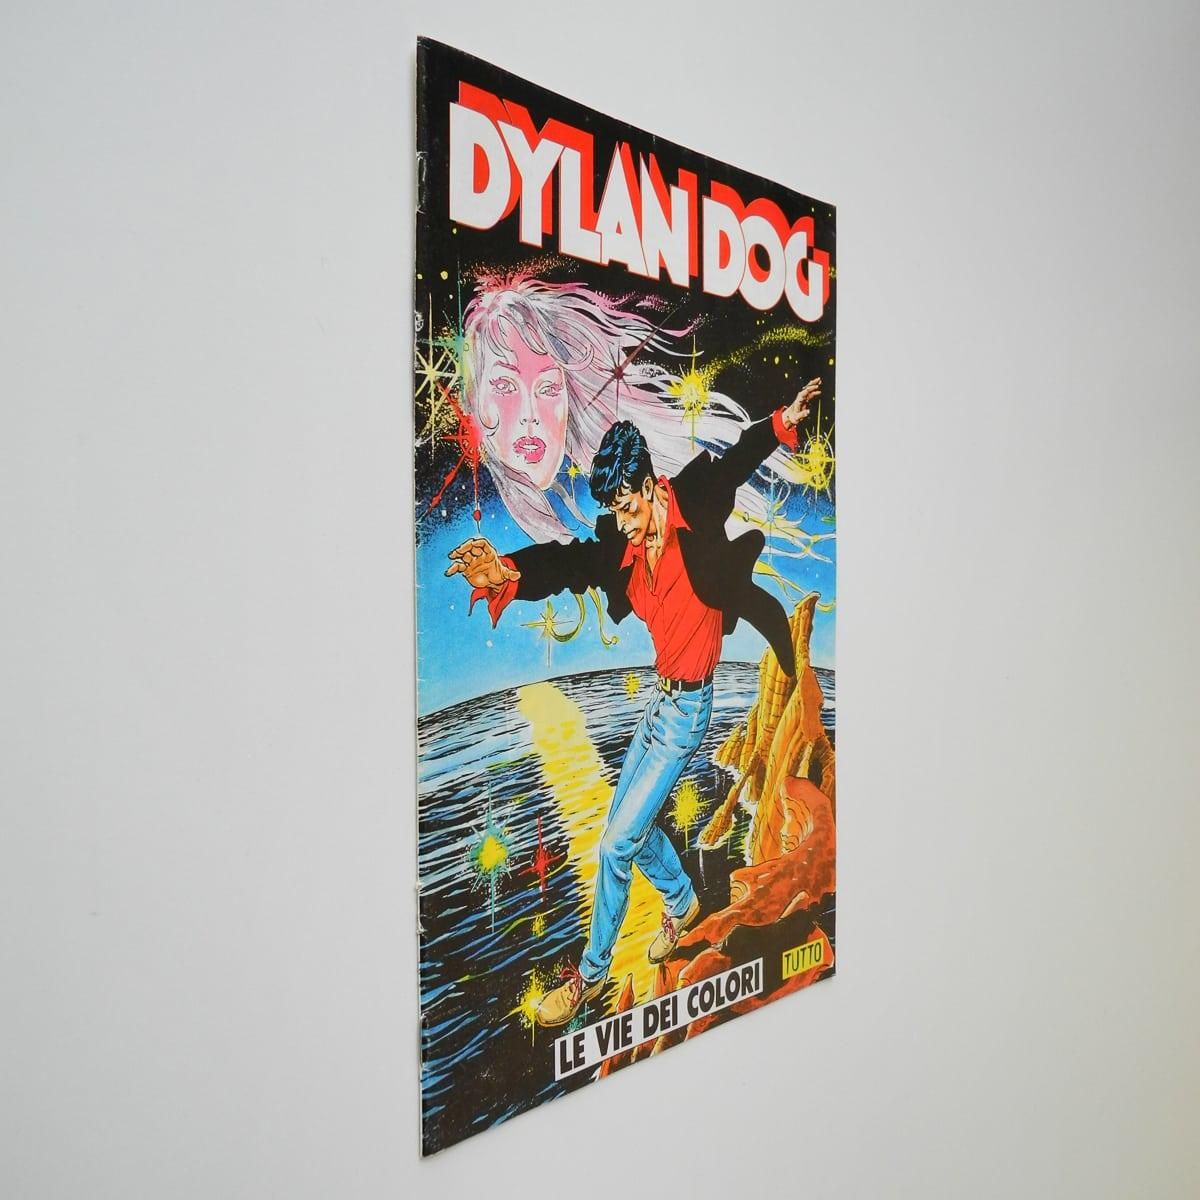 Dylan Dog allegato alla rivista Tutto Le vie dei colori